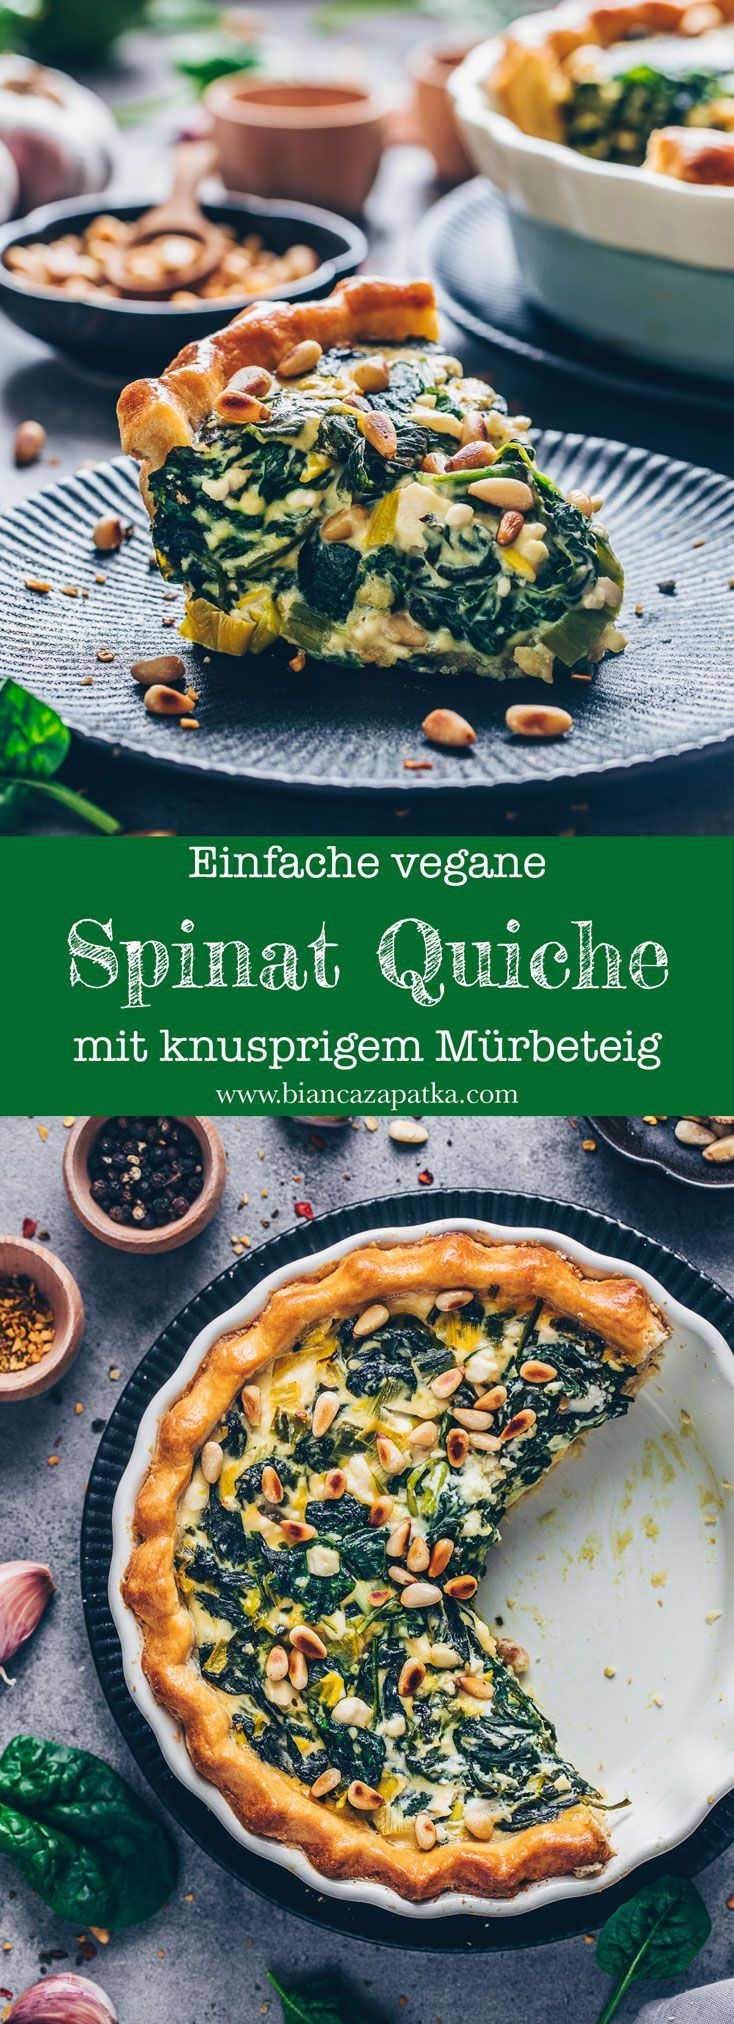 Vegane Spinat Quiche Rezept – einfach